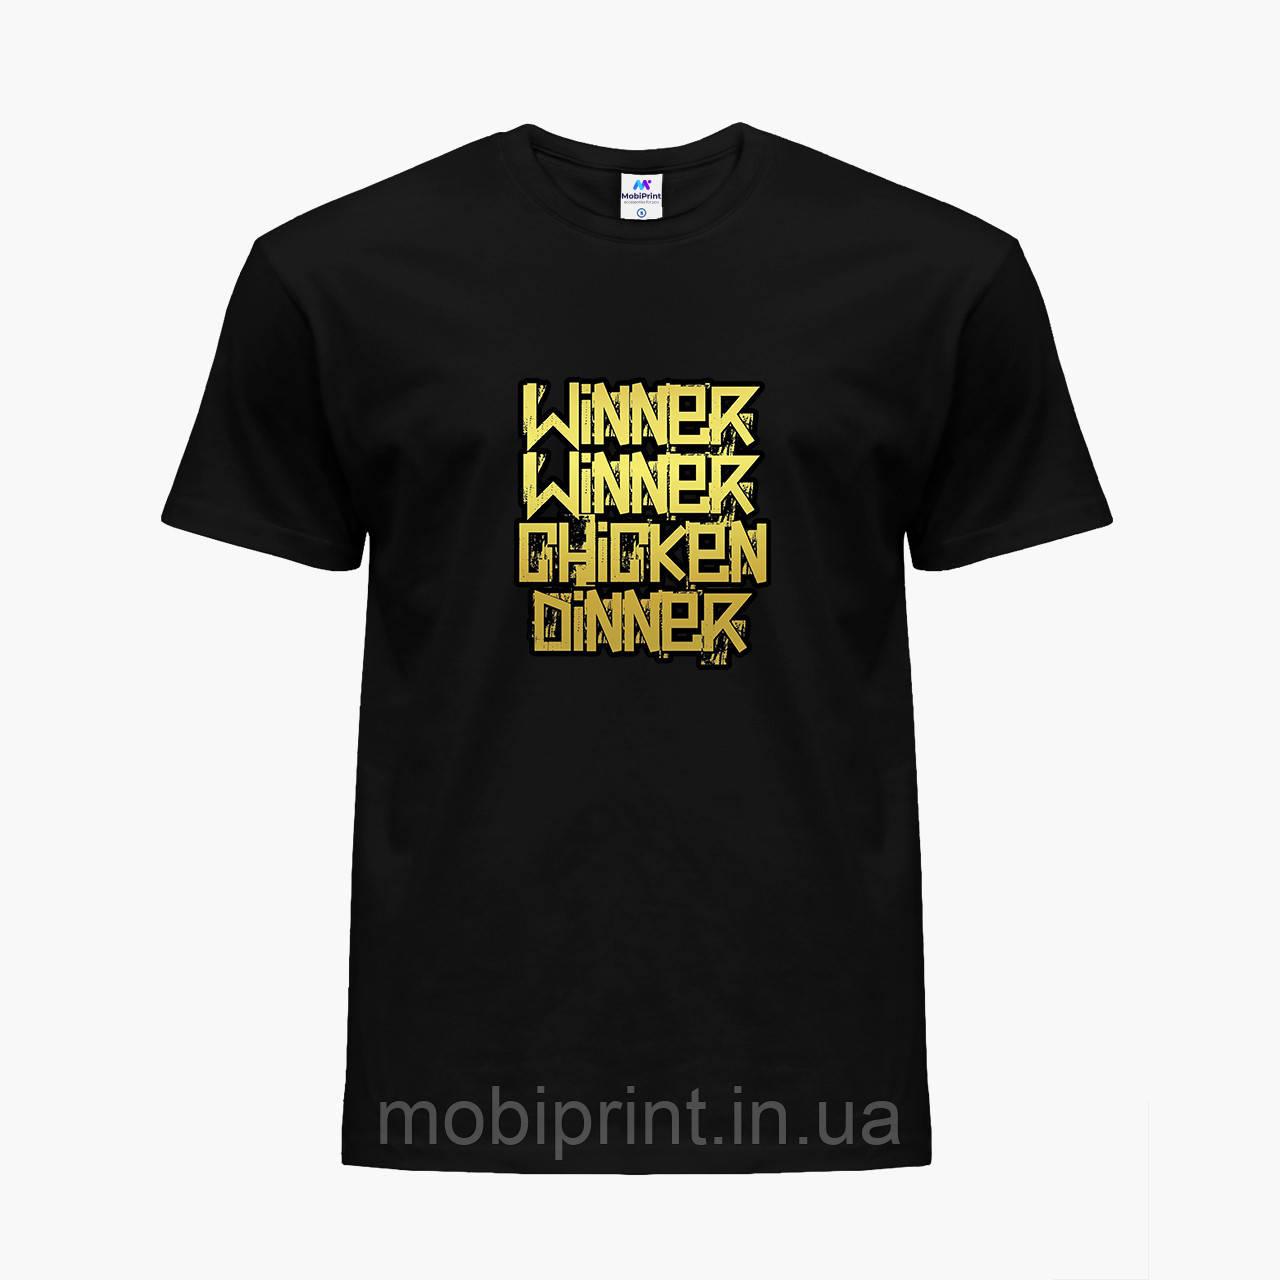 Детская футболка для мальчиков Пубг Пабг (Pubg) (25186-1180) Черный